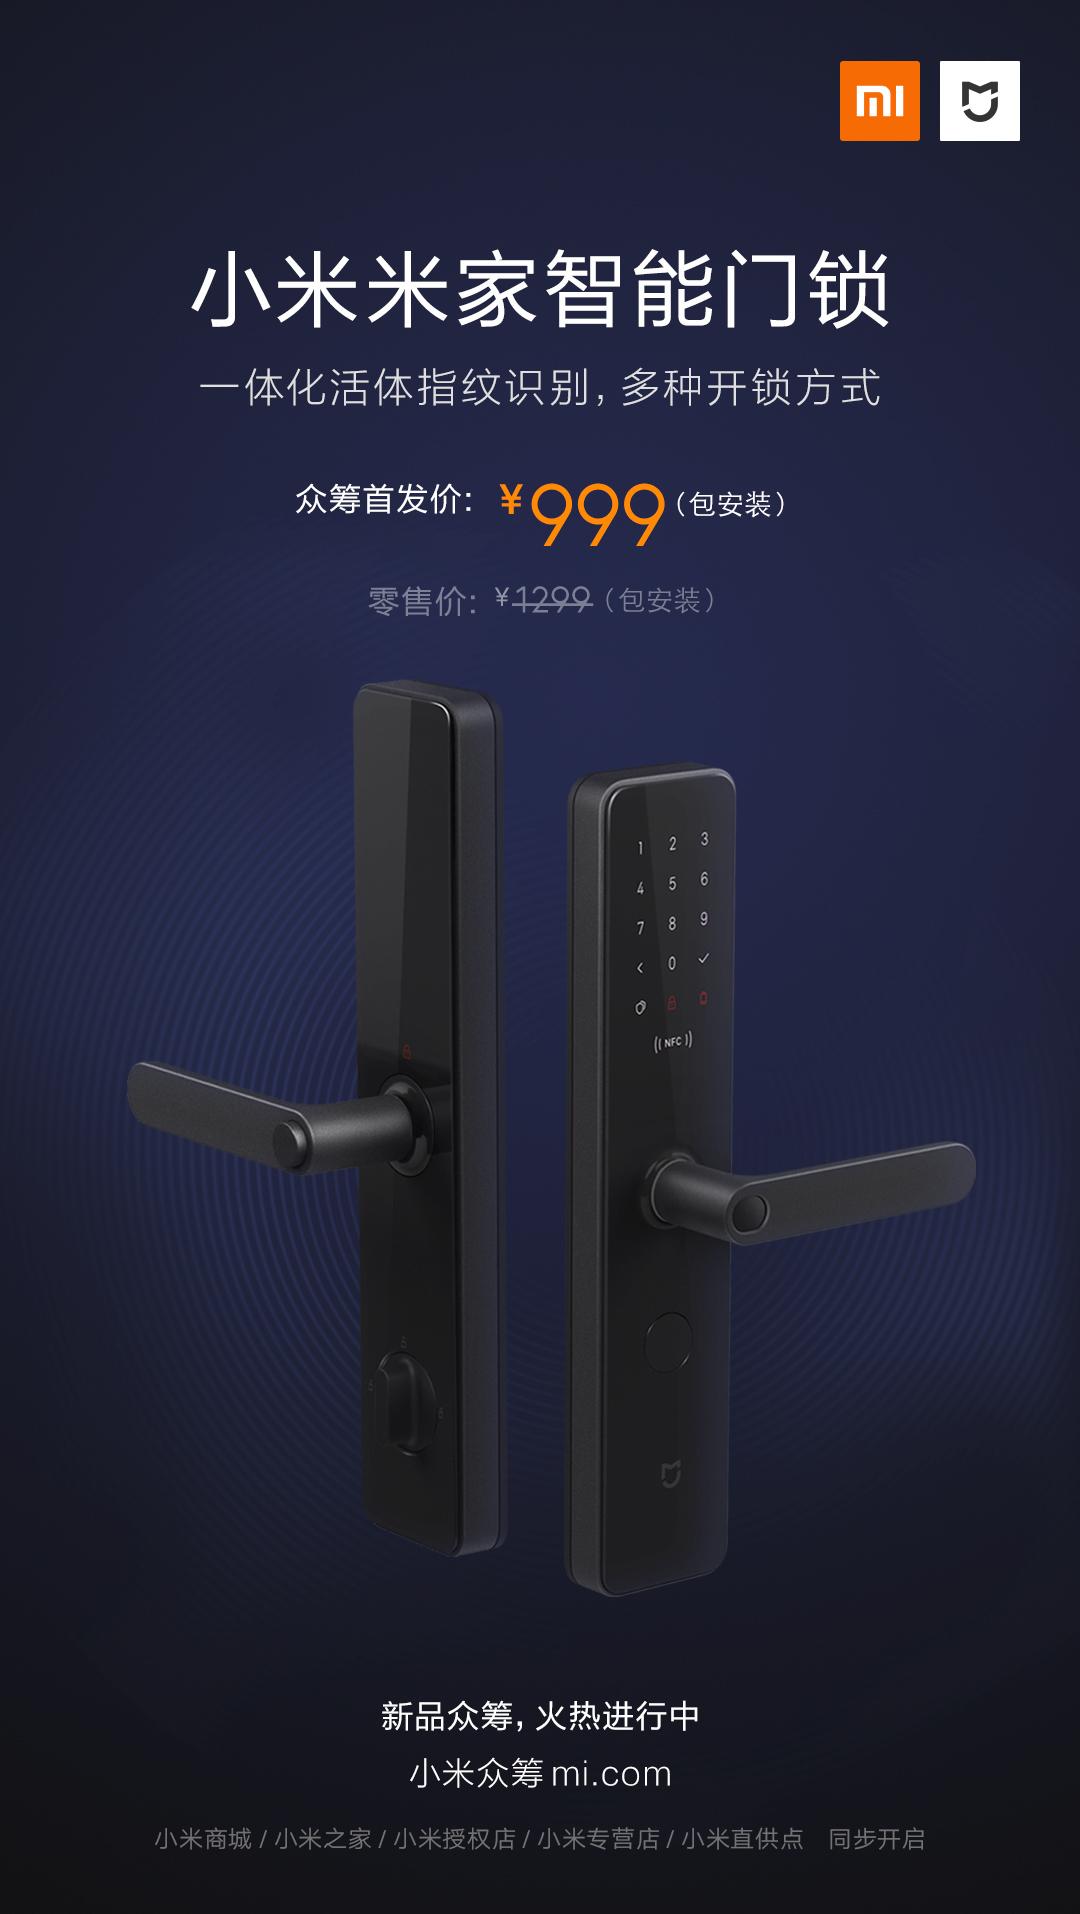 小米米家智能门锁发布:众筹售价999元包安装